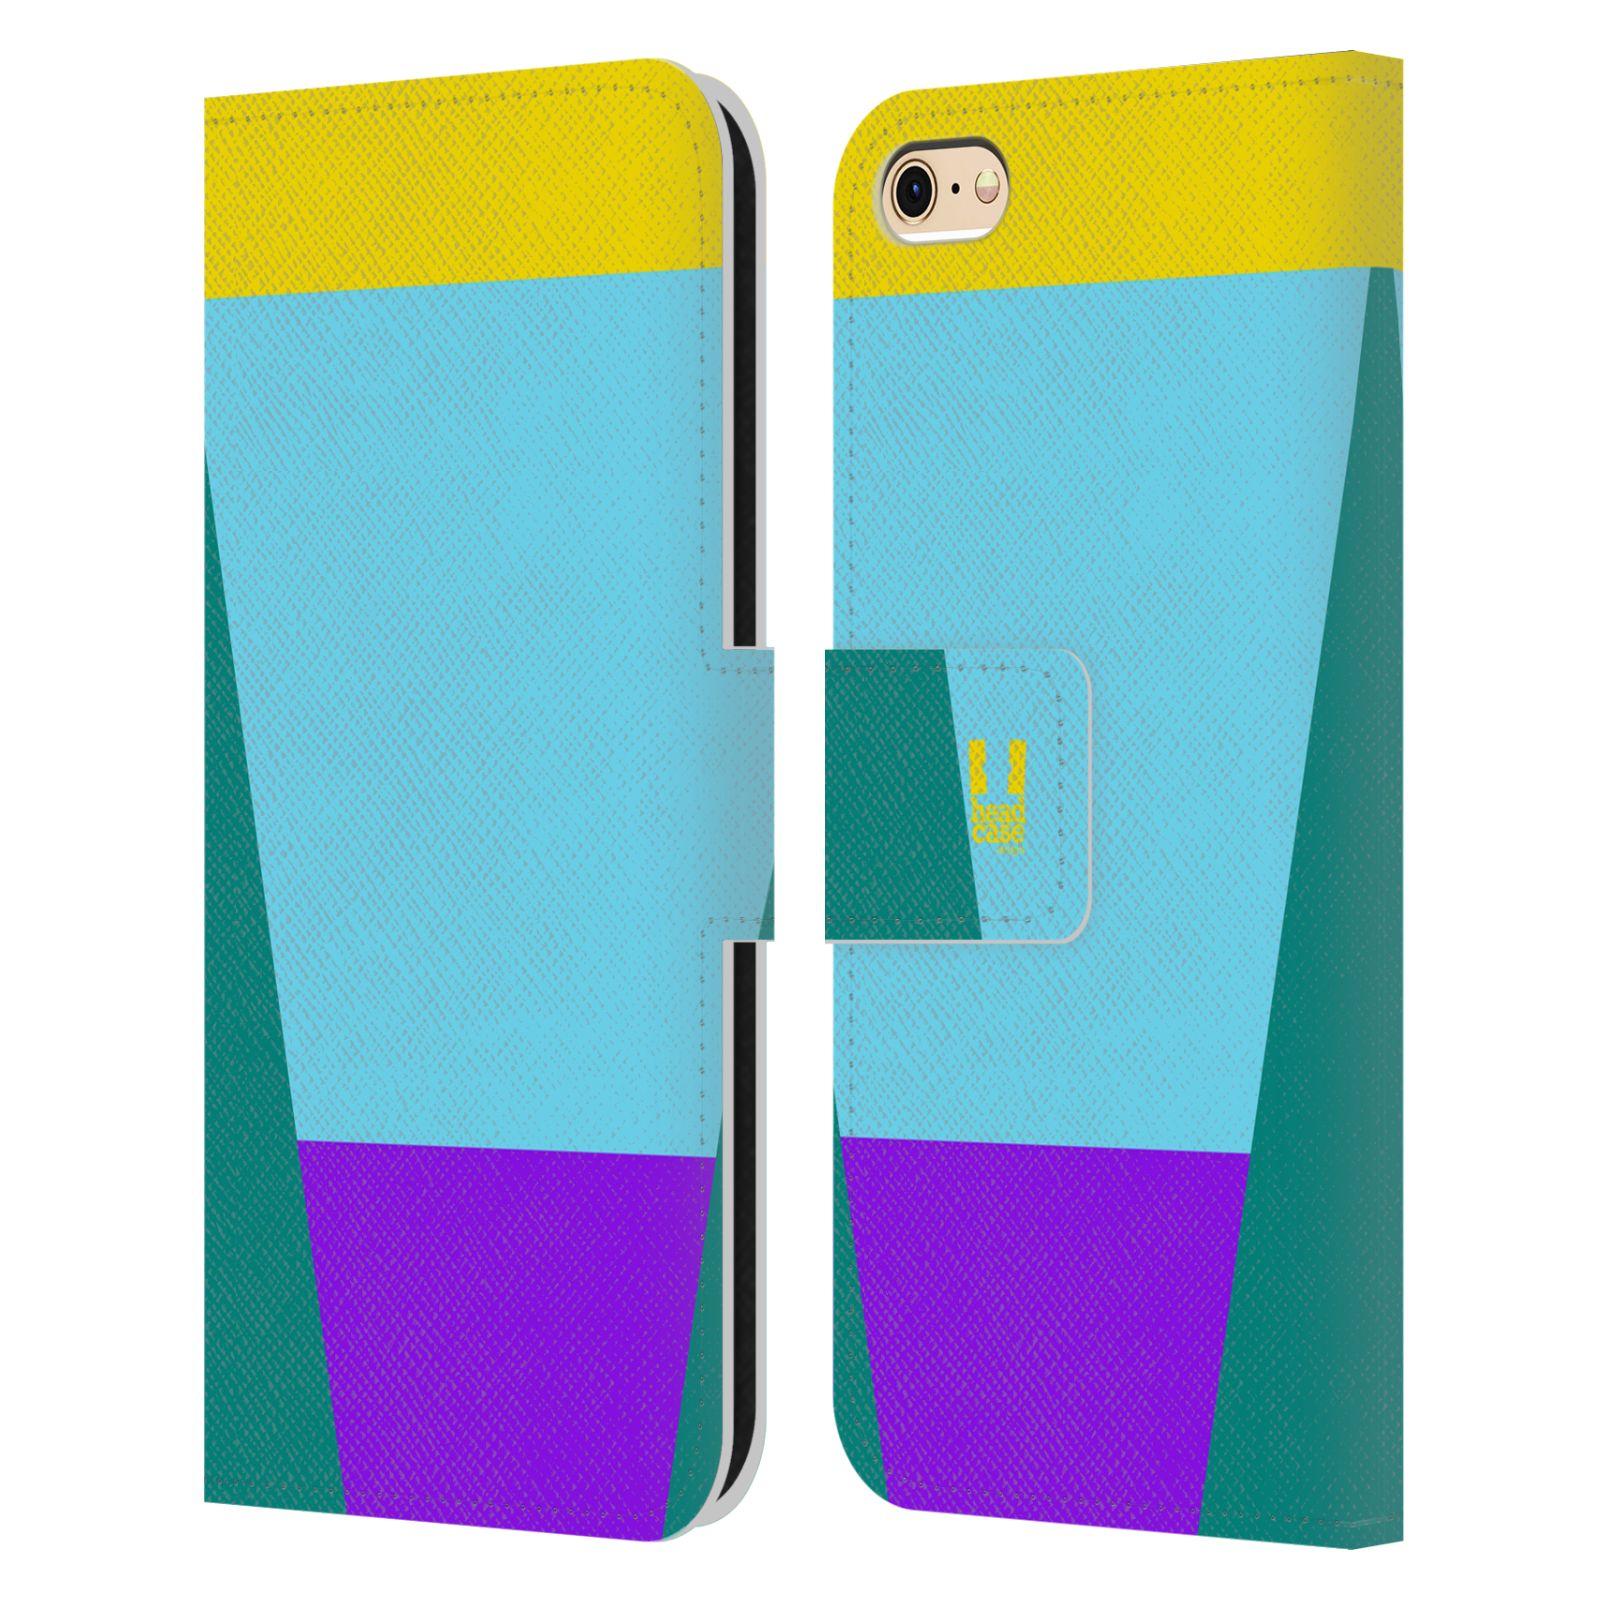 HEAD CASE Flipové pouzdro pro mobil Apple Iphone 6/6s barevné tvary nebesky modrá